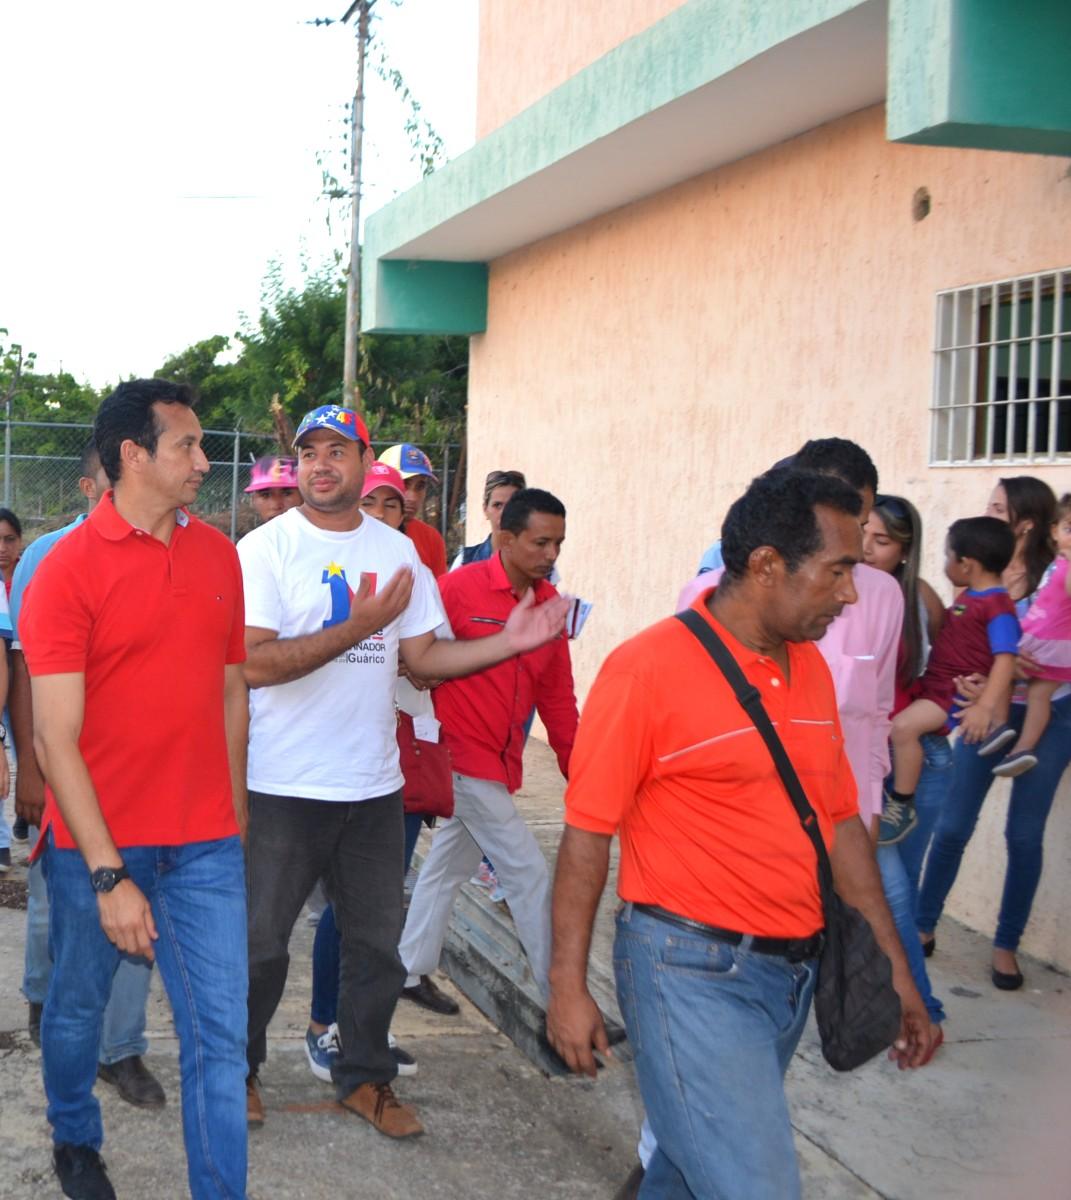 El mandatario guariqueño, José Vásquez y el alcalde Manuel García recorren las instalaciones de la Maternidad de Chaguaramas